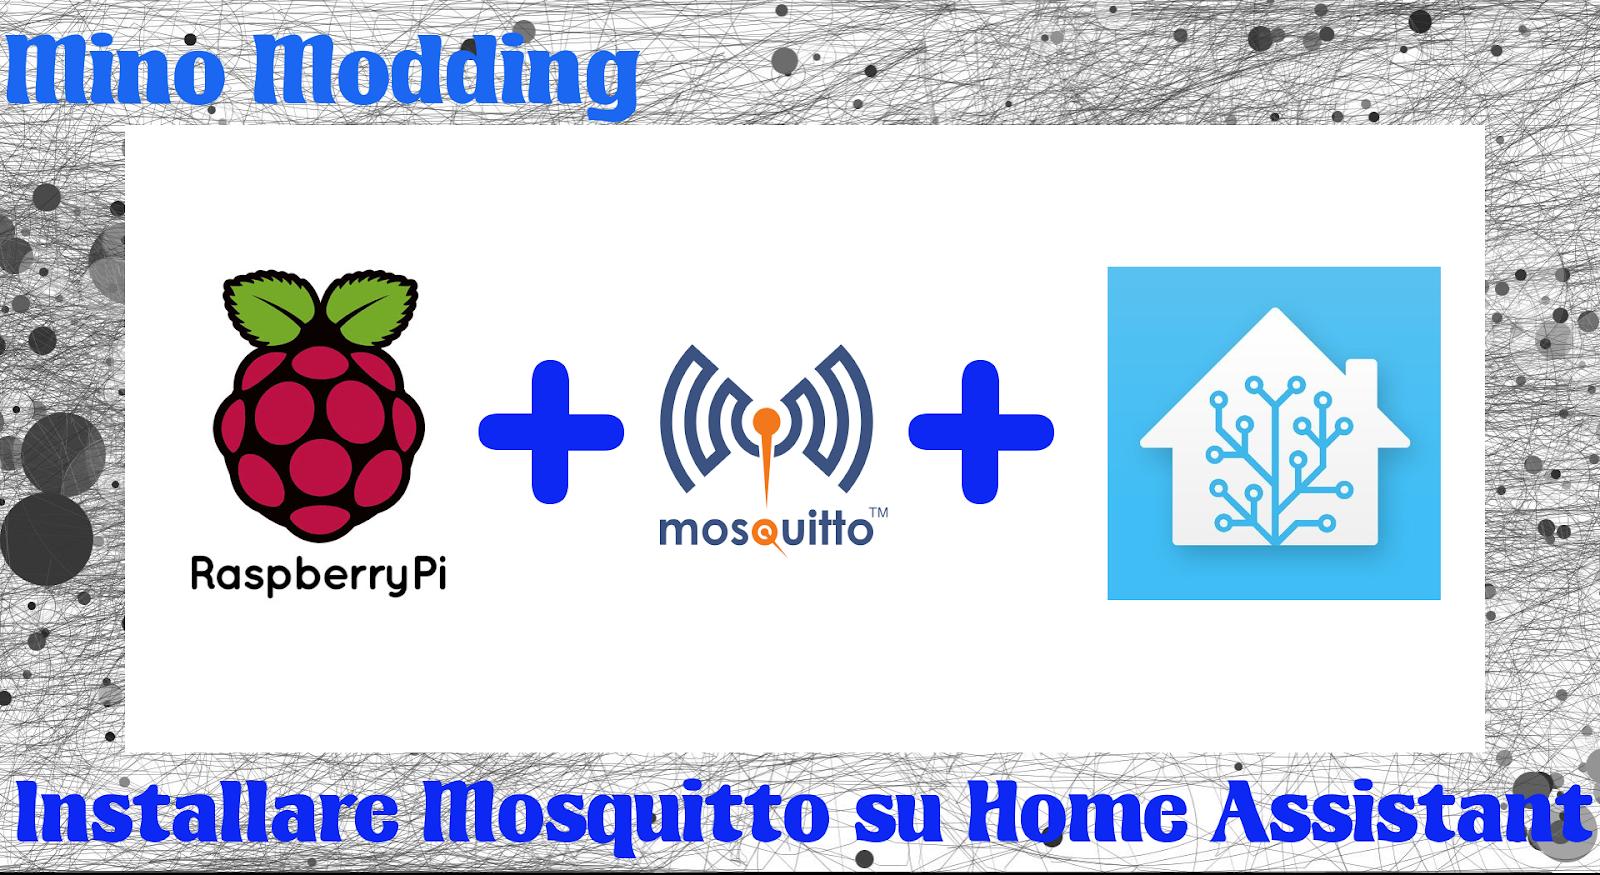 Mino Modding: Installare Mosquitto su Home Assistant, passo